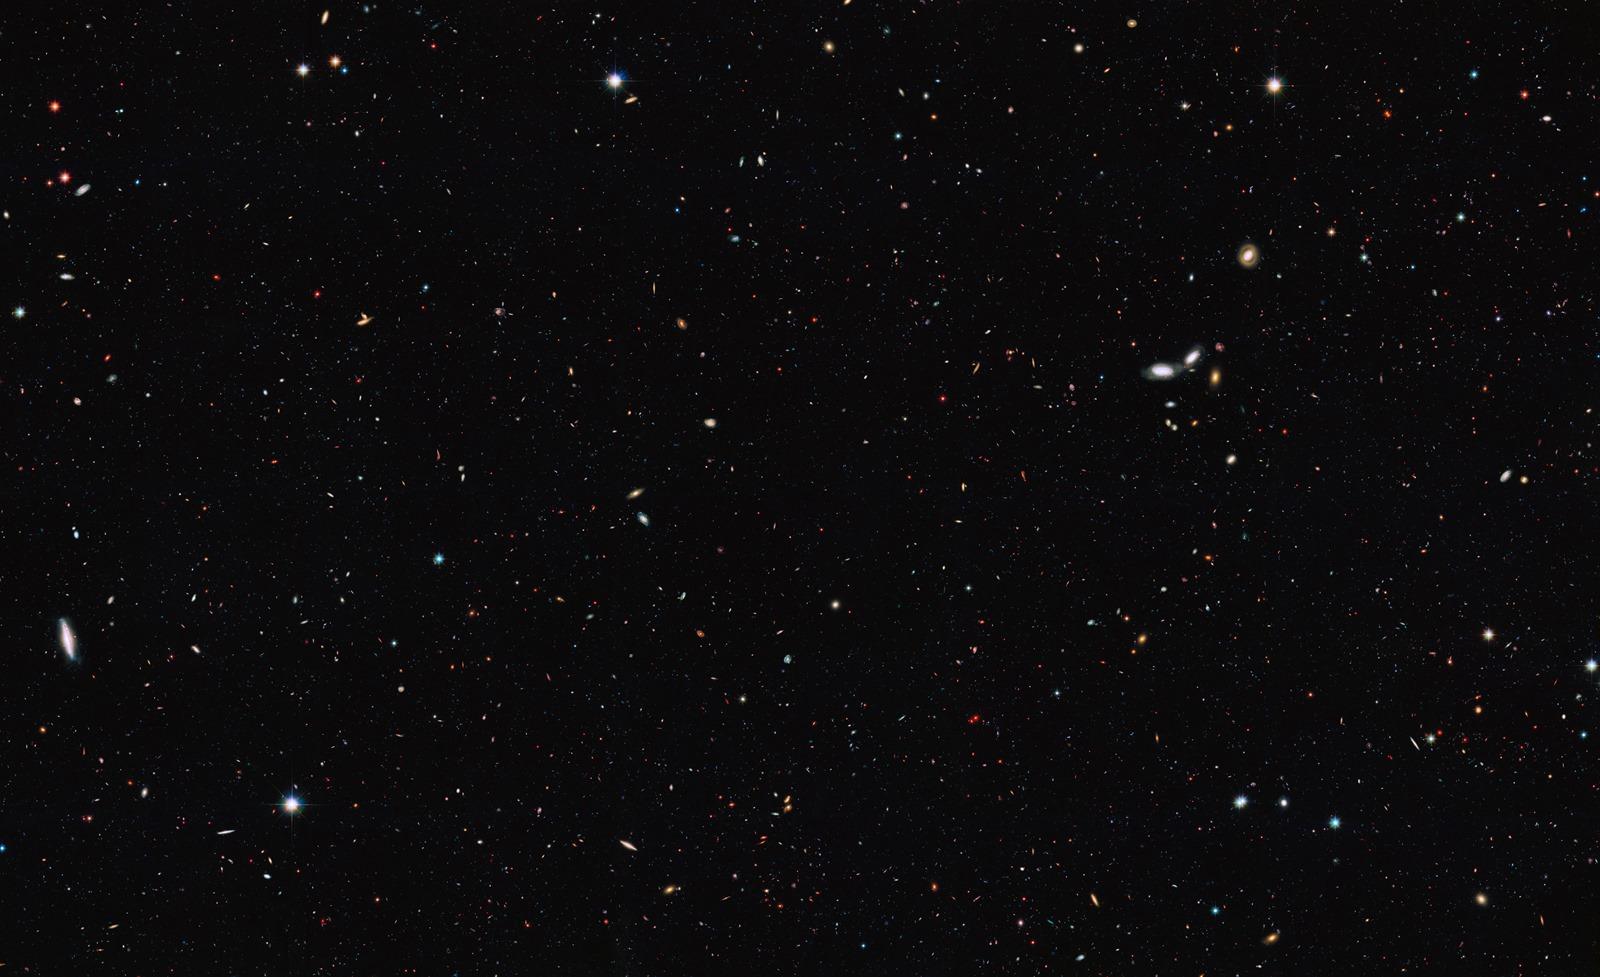 Il y a au moins 10 fois plus de galaxies dans l'univers observable que prévu